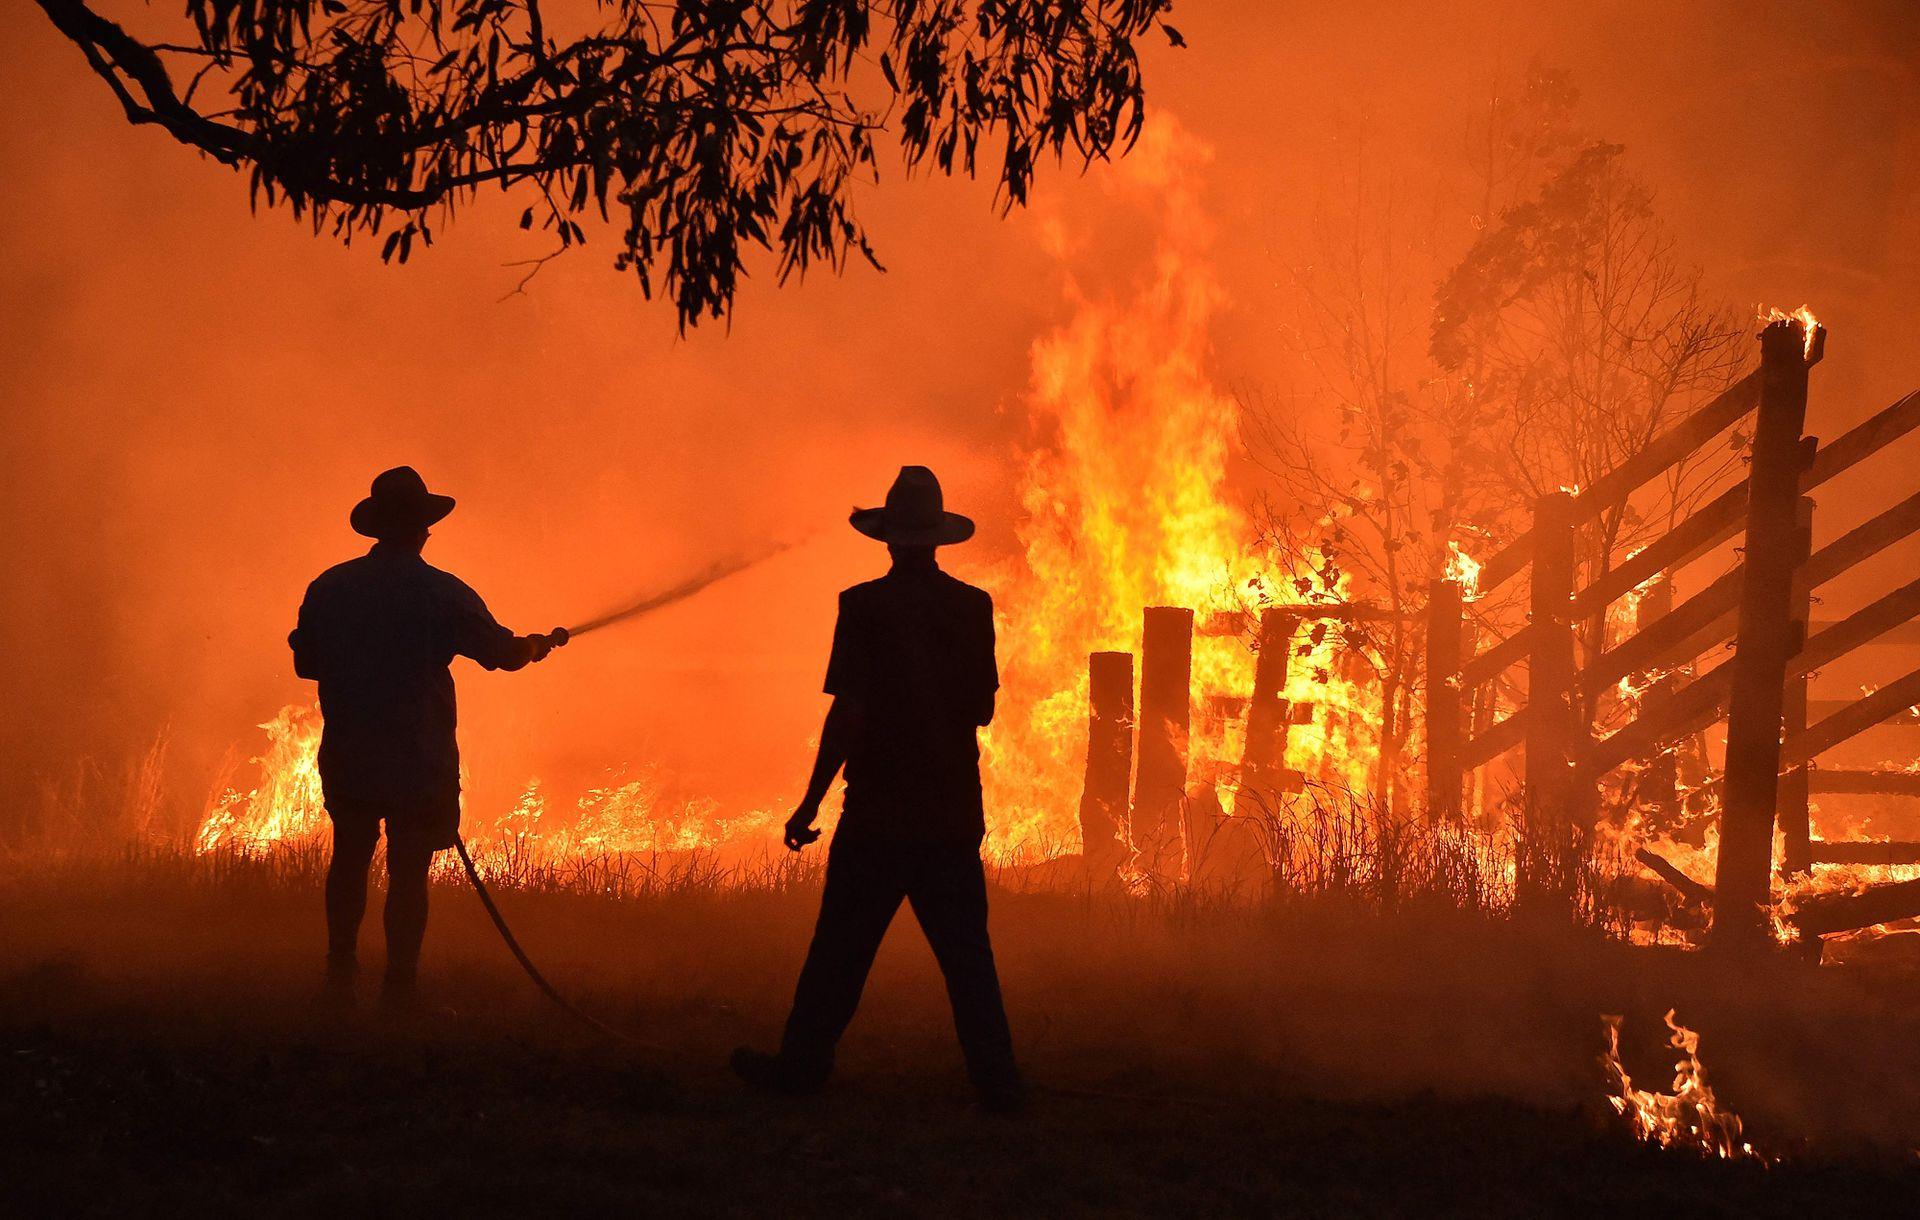 Los incendios son cada vez más incontrolables, incluso en zonas donde no es frecuente que sucedan como Sidney (Australia), California (EE.UU.) o la Amazonia el fuego causó estragos en los últimos años